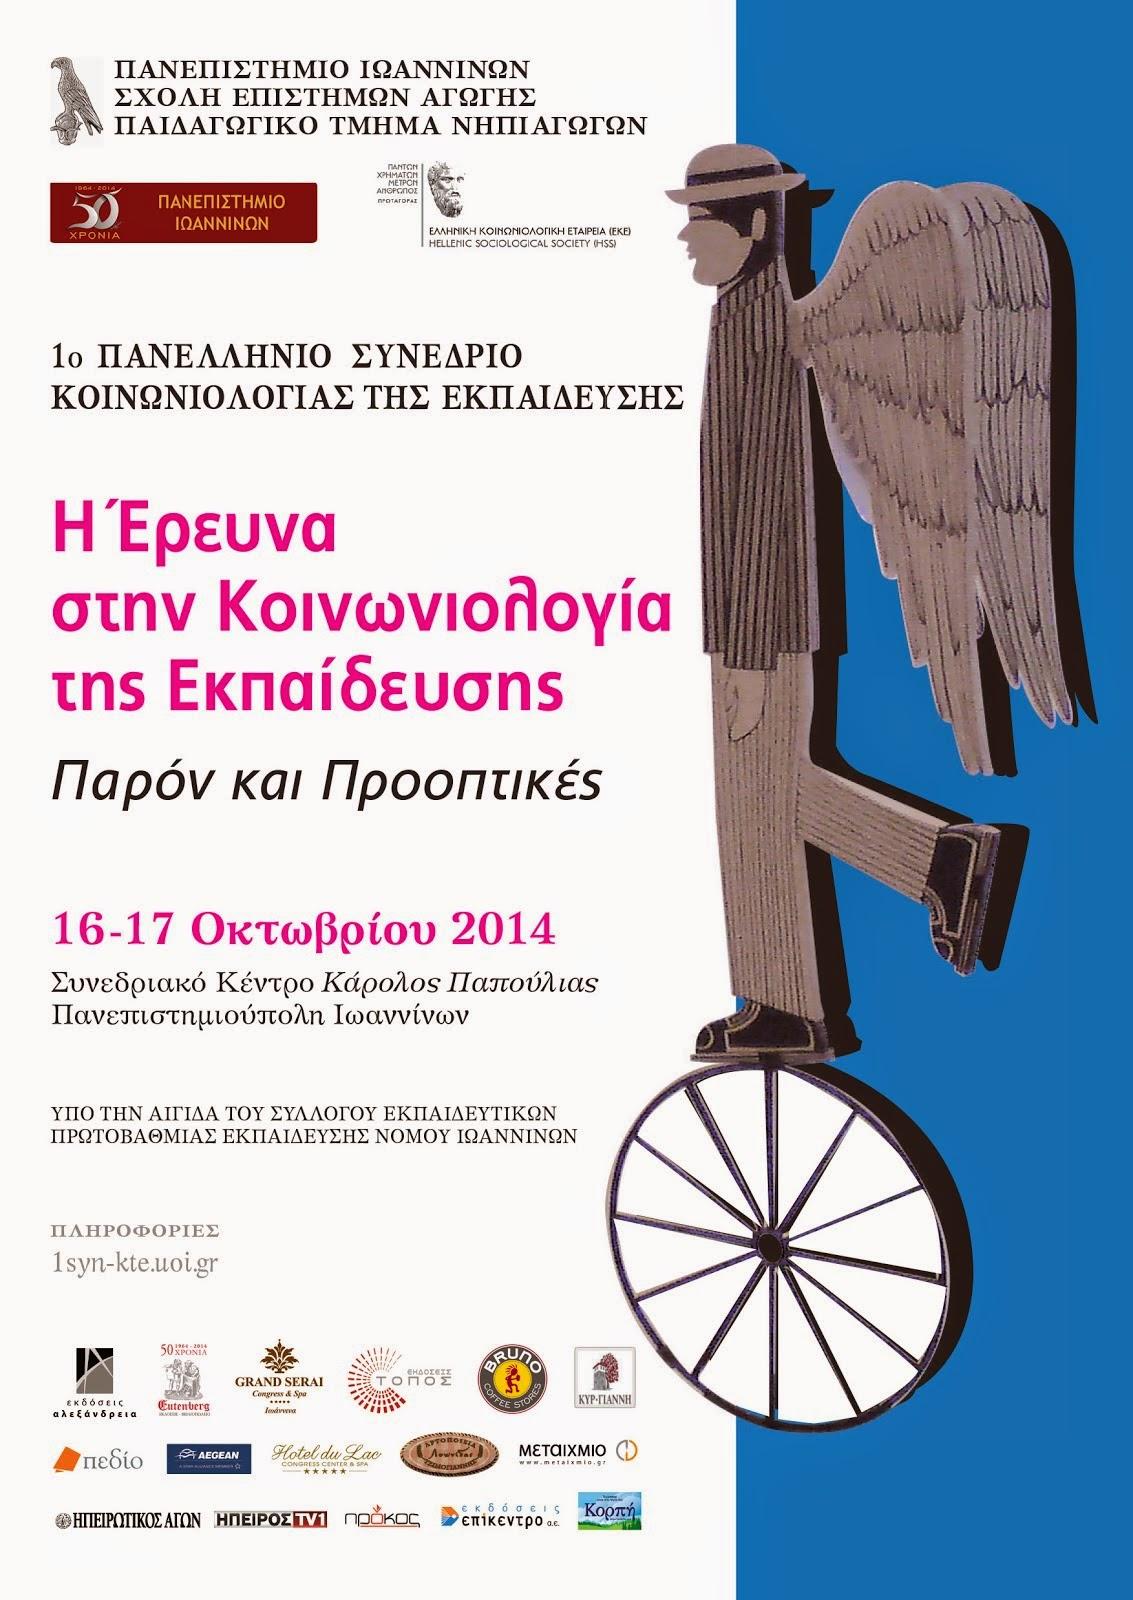 1ο Πανελλήνιο Συνέδριο Κοινωνιολογίας της Εκπαίδευσης